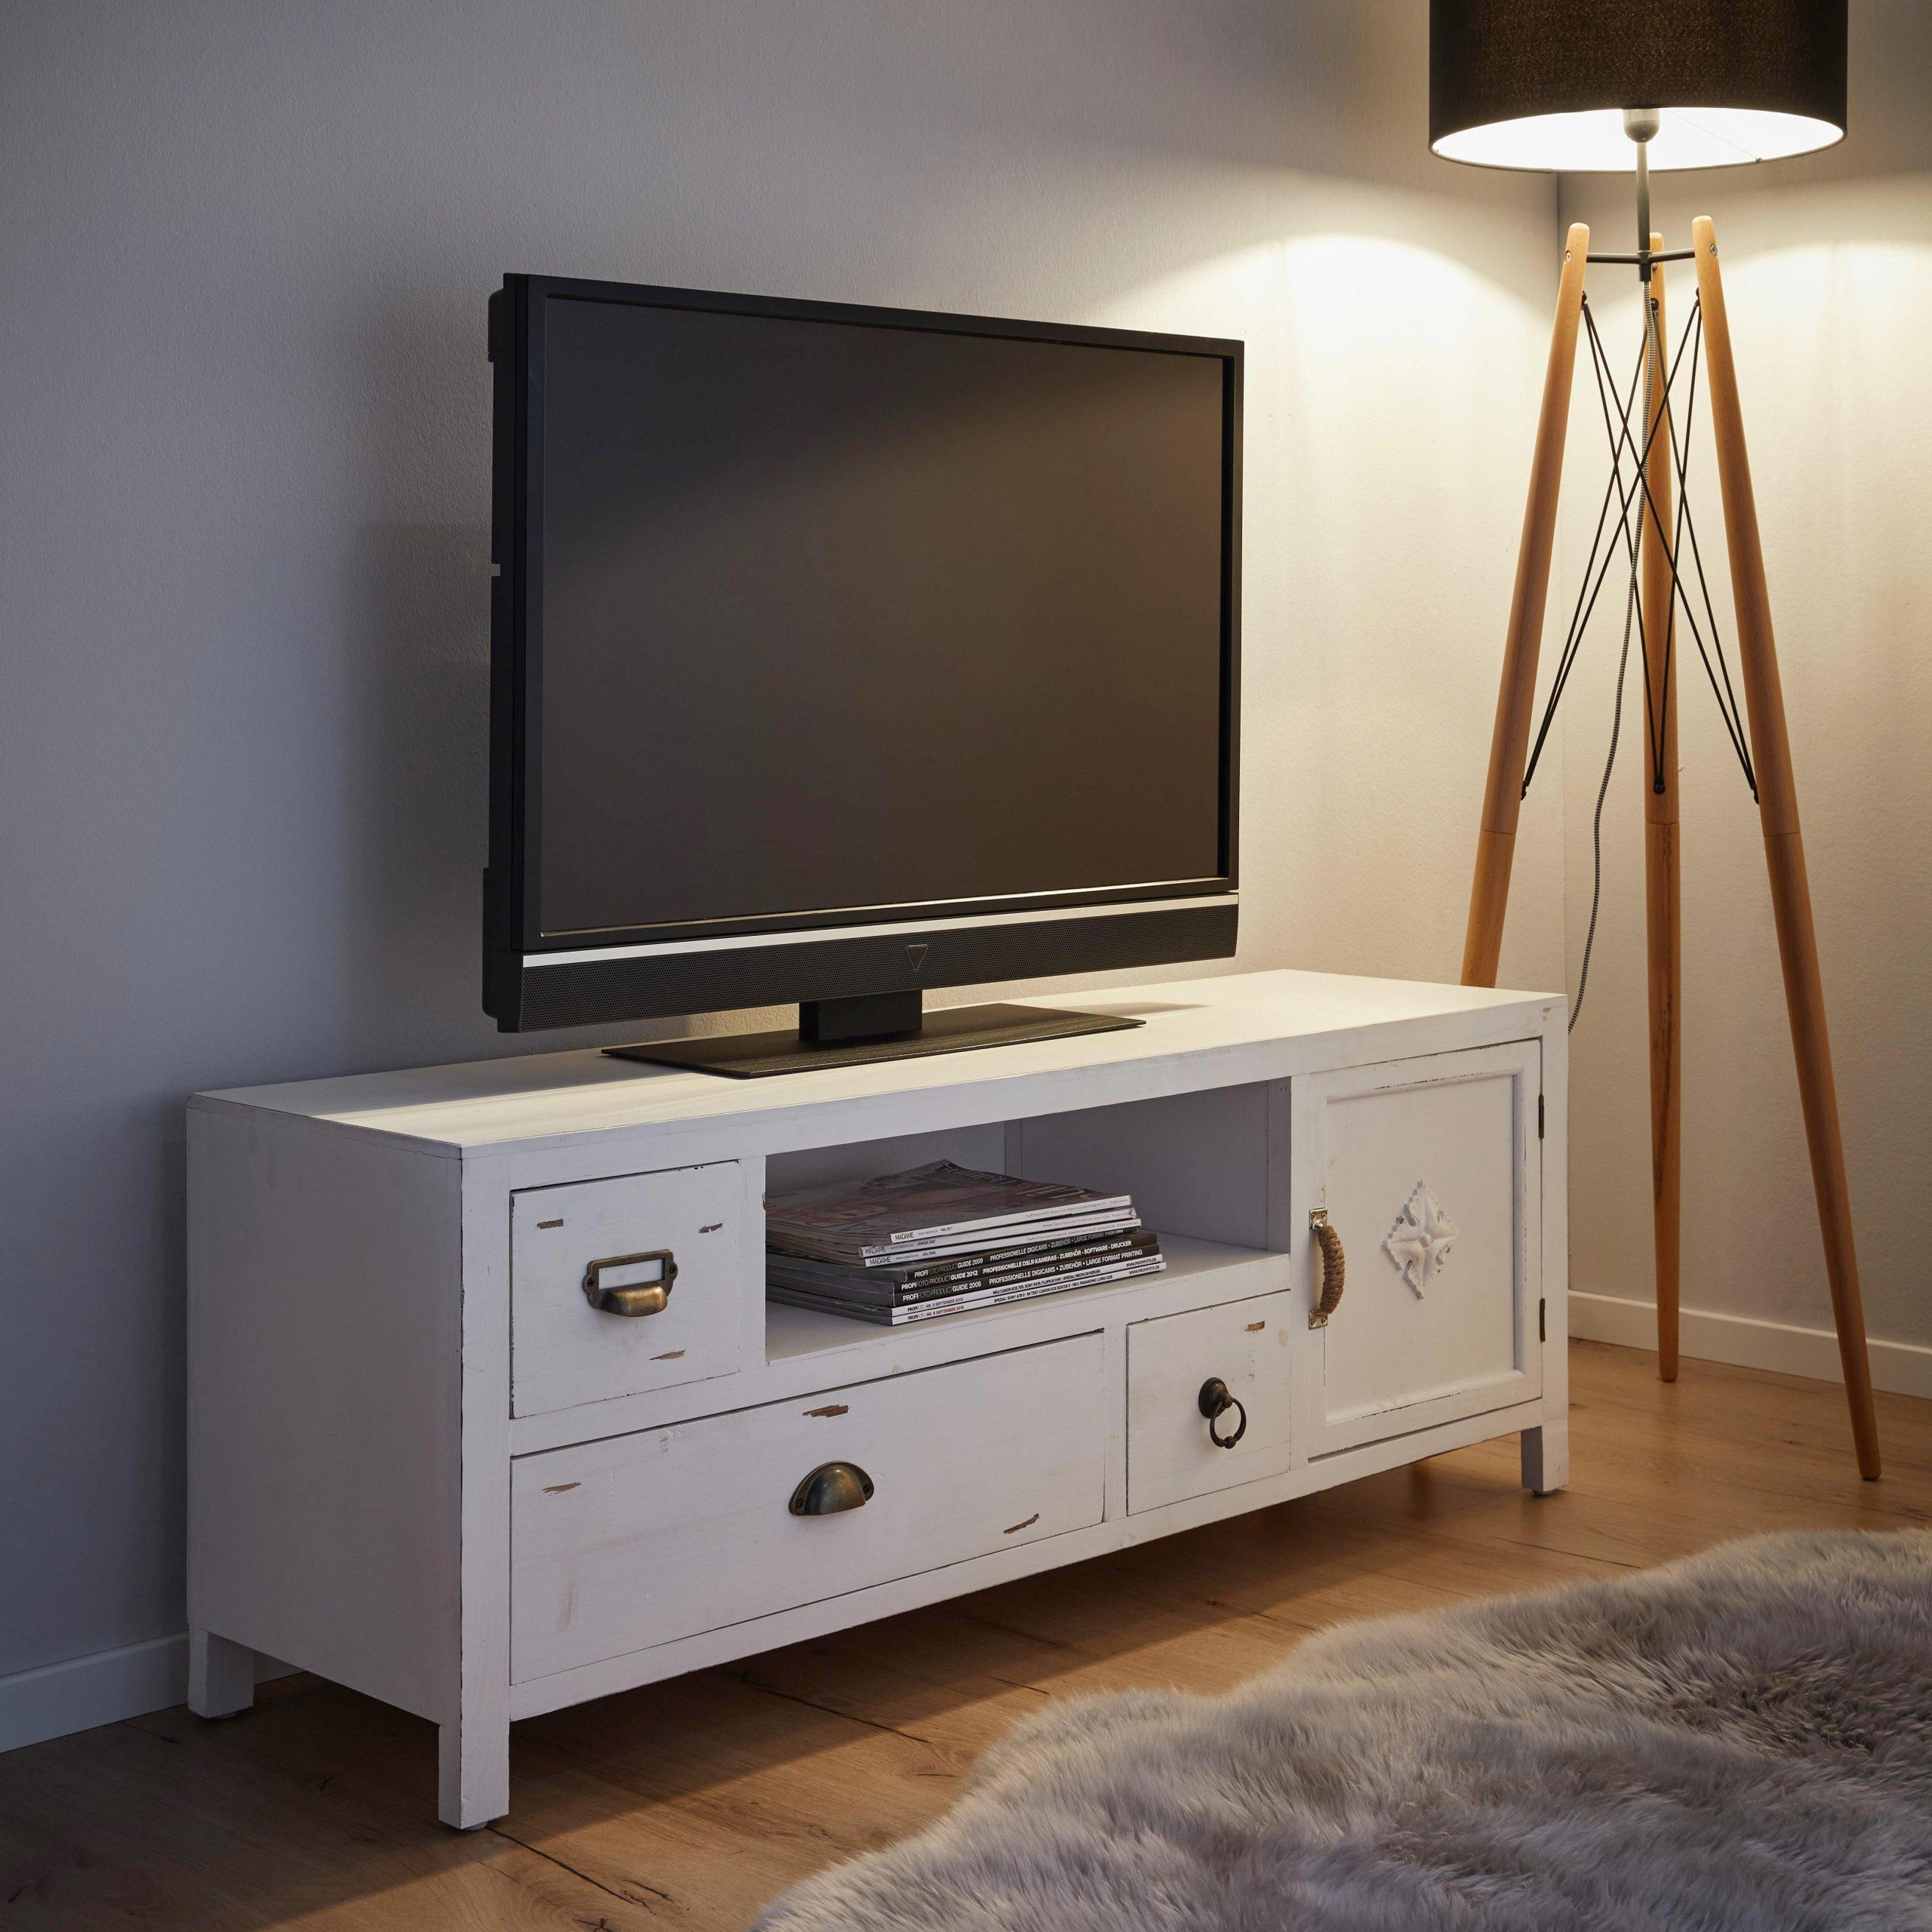 Full Size of Ikea Wohnzimmerschrank Wohnwnde Tv Mbel Jetzt Entdecken Mmax Miniküche Küche Kaufen Kosten Betten 160x200 Bei Modulküche Sofa Mit Schlaffunktion Wohnzimmer Ikea Wohnzimmerschrank